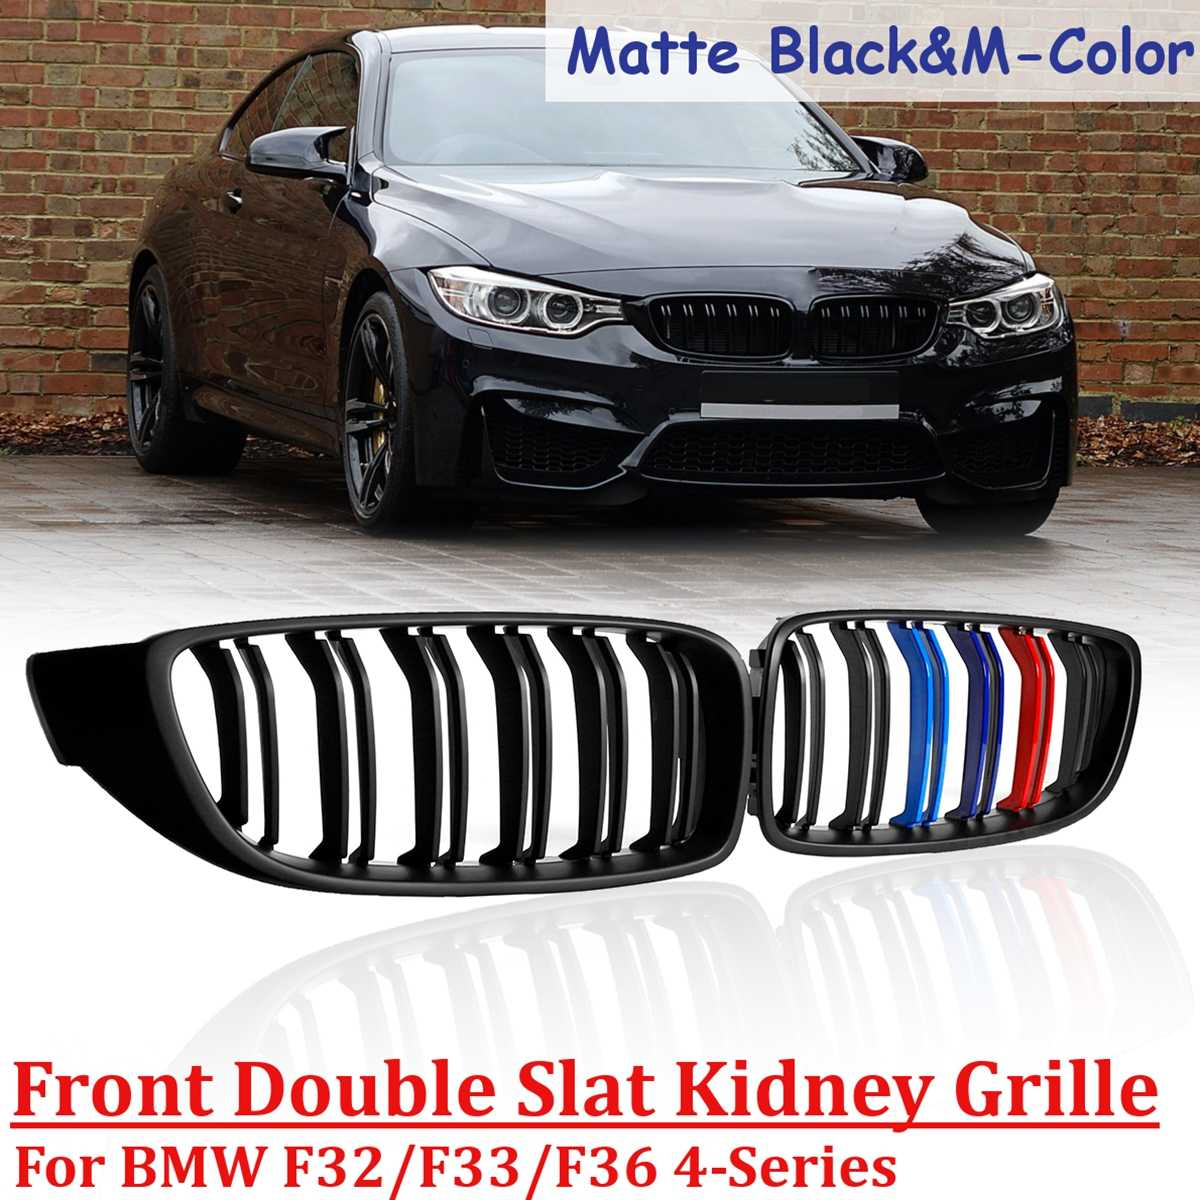 Paire noir mat & M-couleur avant Double lamelle rein Grille pour BMW F32 F33 F36 F82 F80 4-série 2013 2014 2015 2016